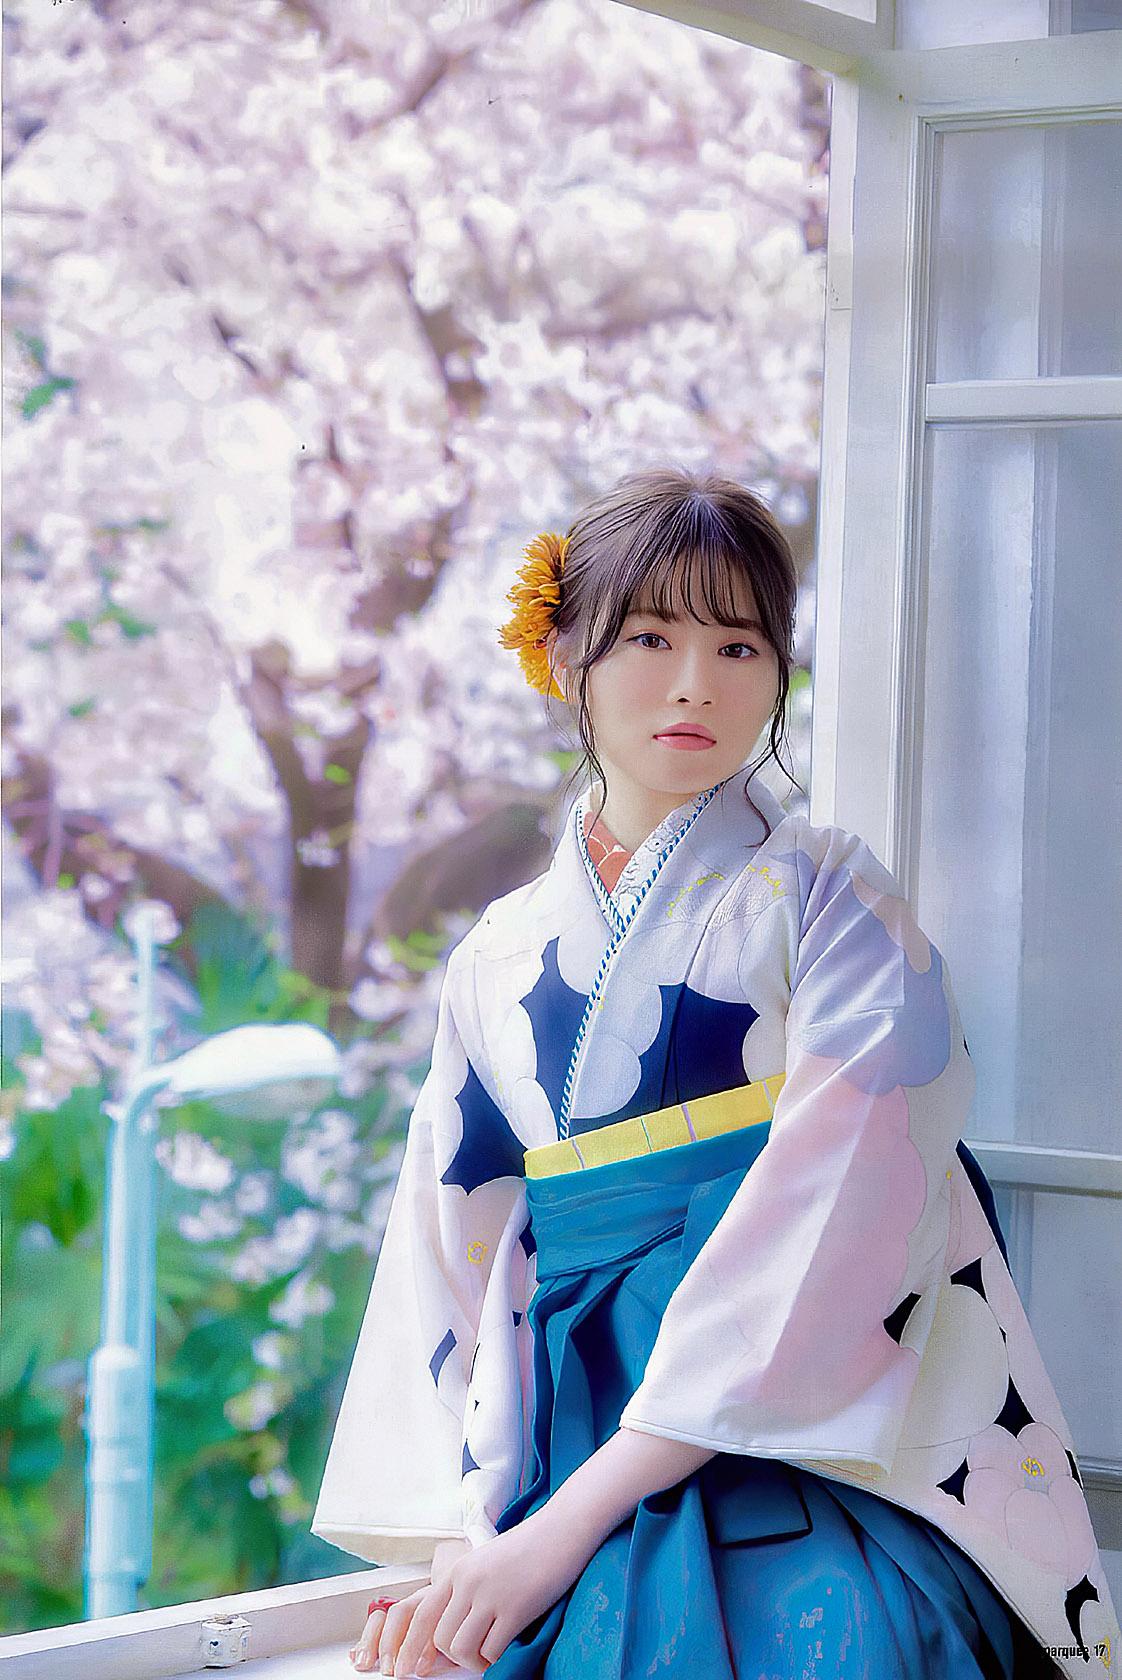 Rena Yamazaki N46 Marquee 138 2020 07.jpg